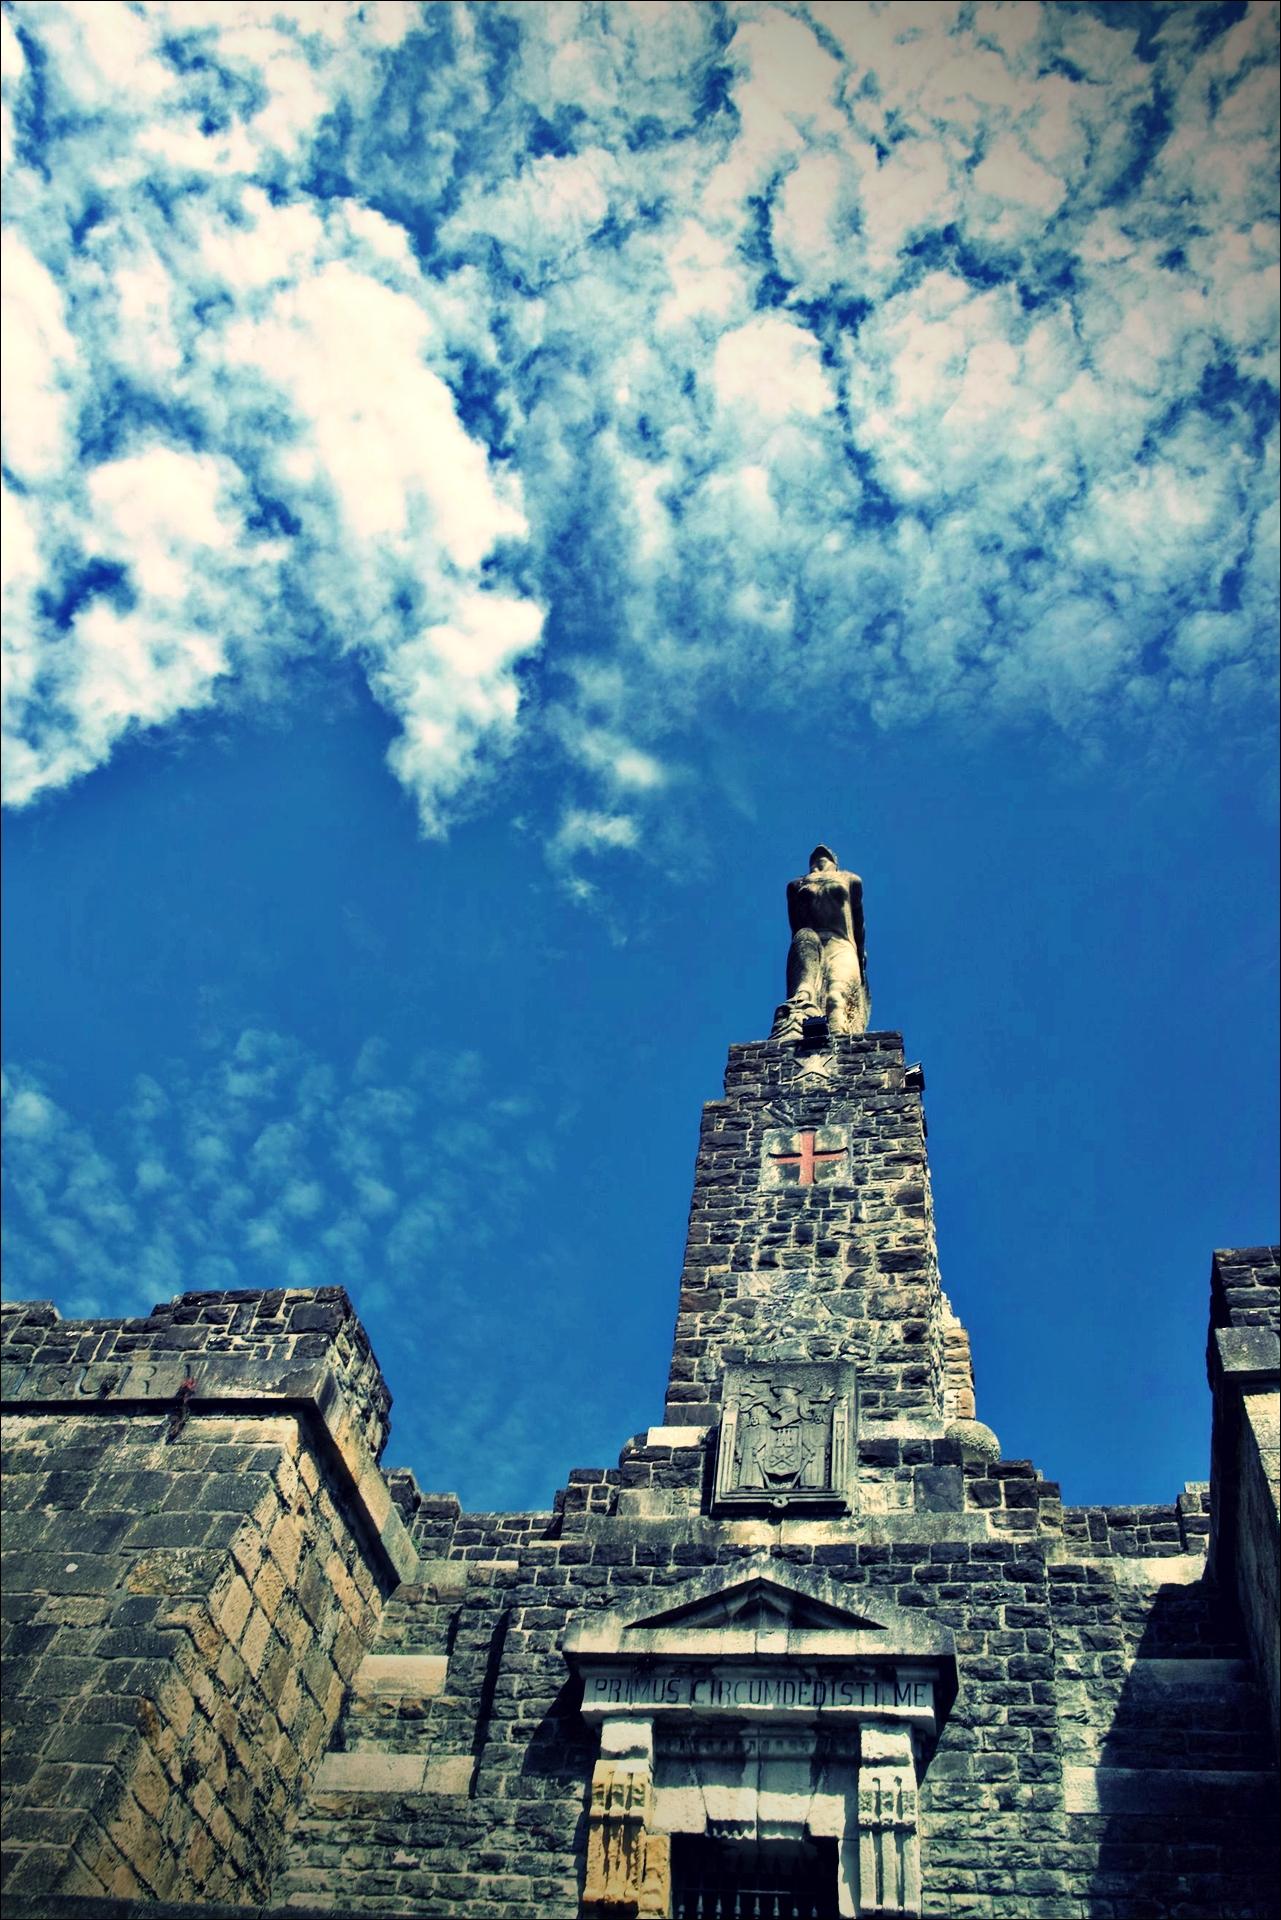 성당, 하늘-'카미노 데 산티아고 북쪽길. 사라우츠에서 쑤마이아. 빌바오.'